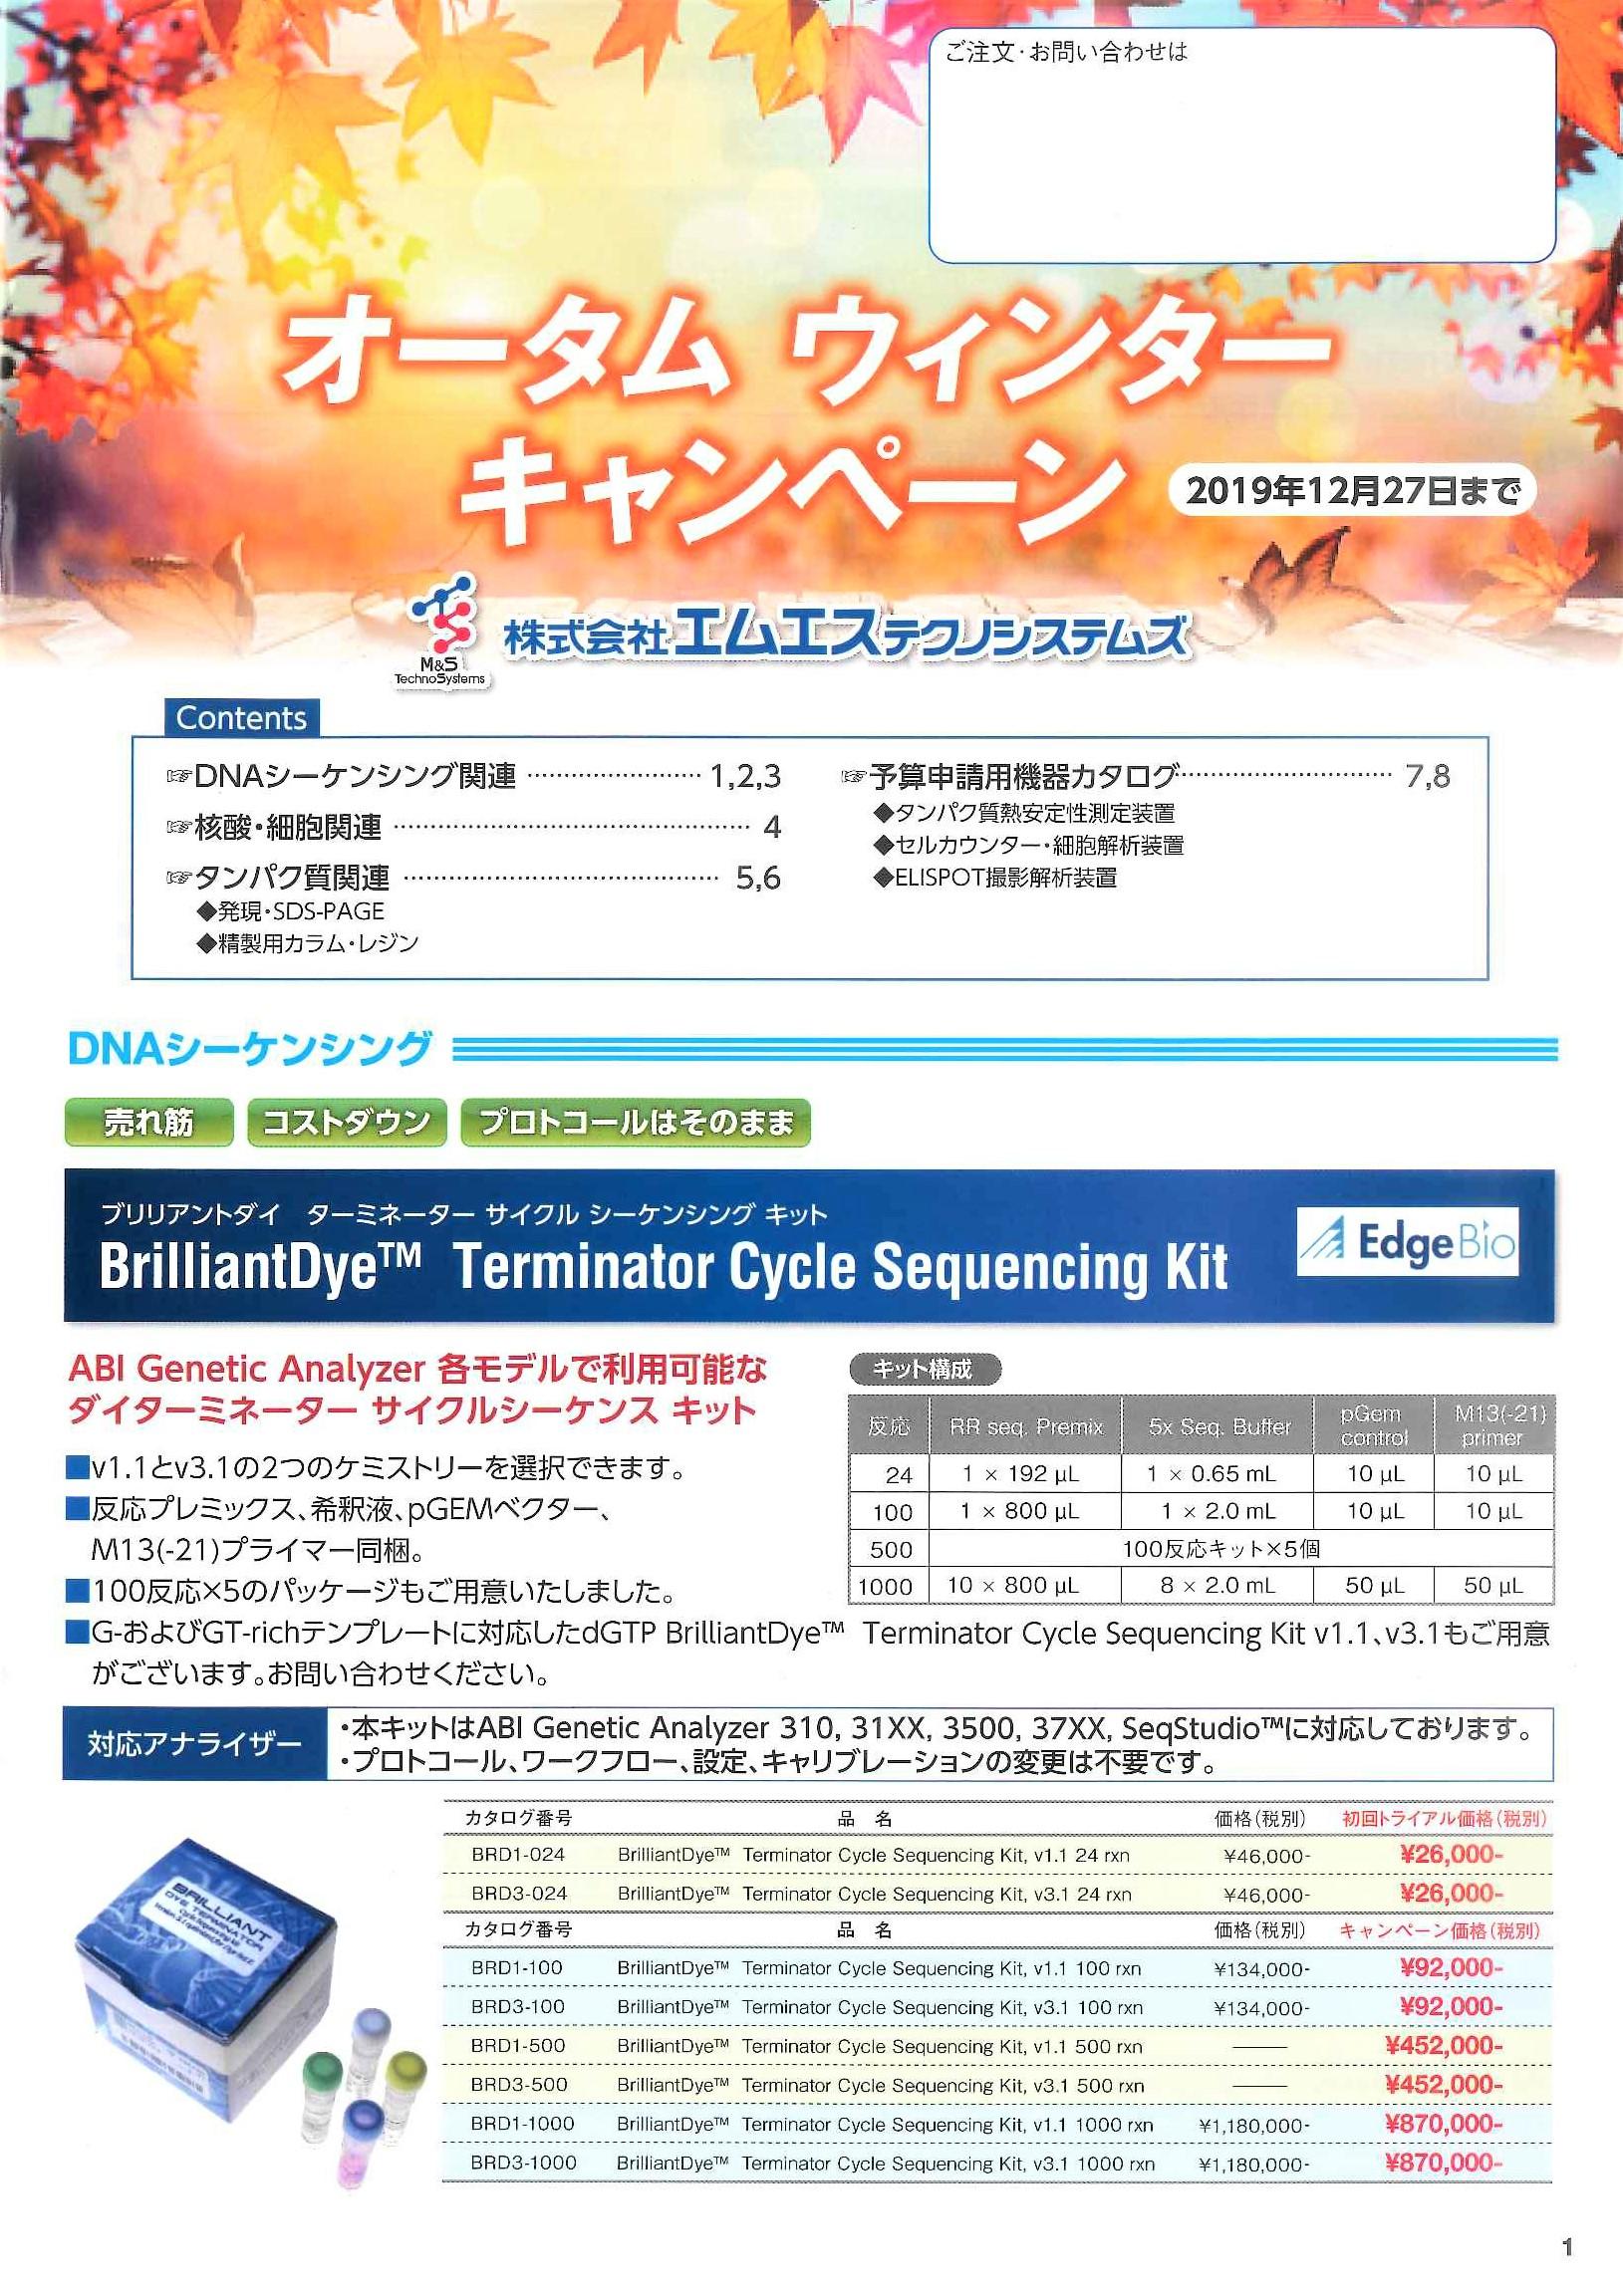 エムエステクノシステムズ(株) オータム ウィンター キャンペーン!